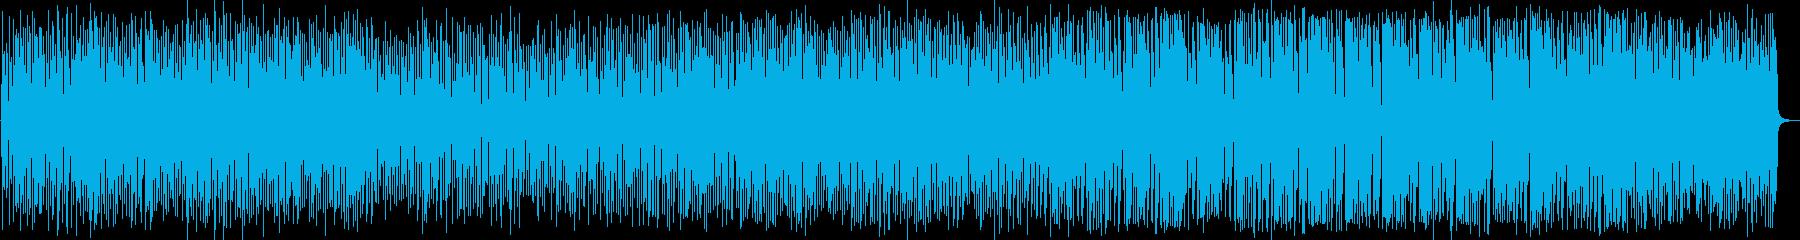 ポジティブ、パーティー、メロディックの再生済みの波形